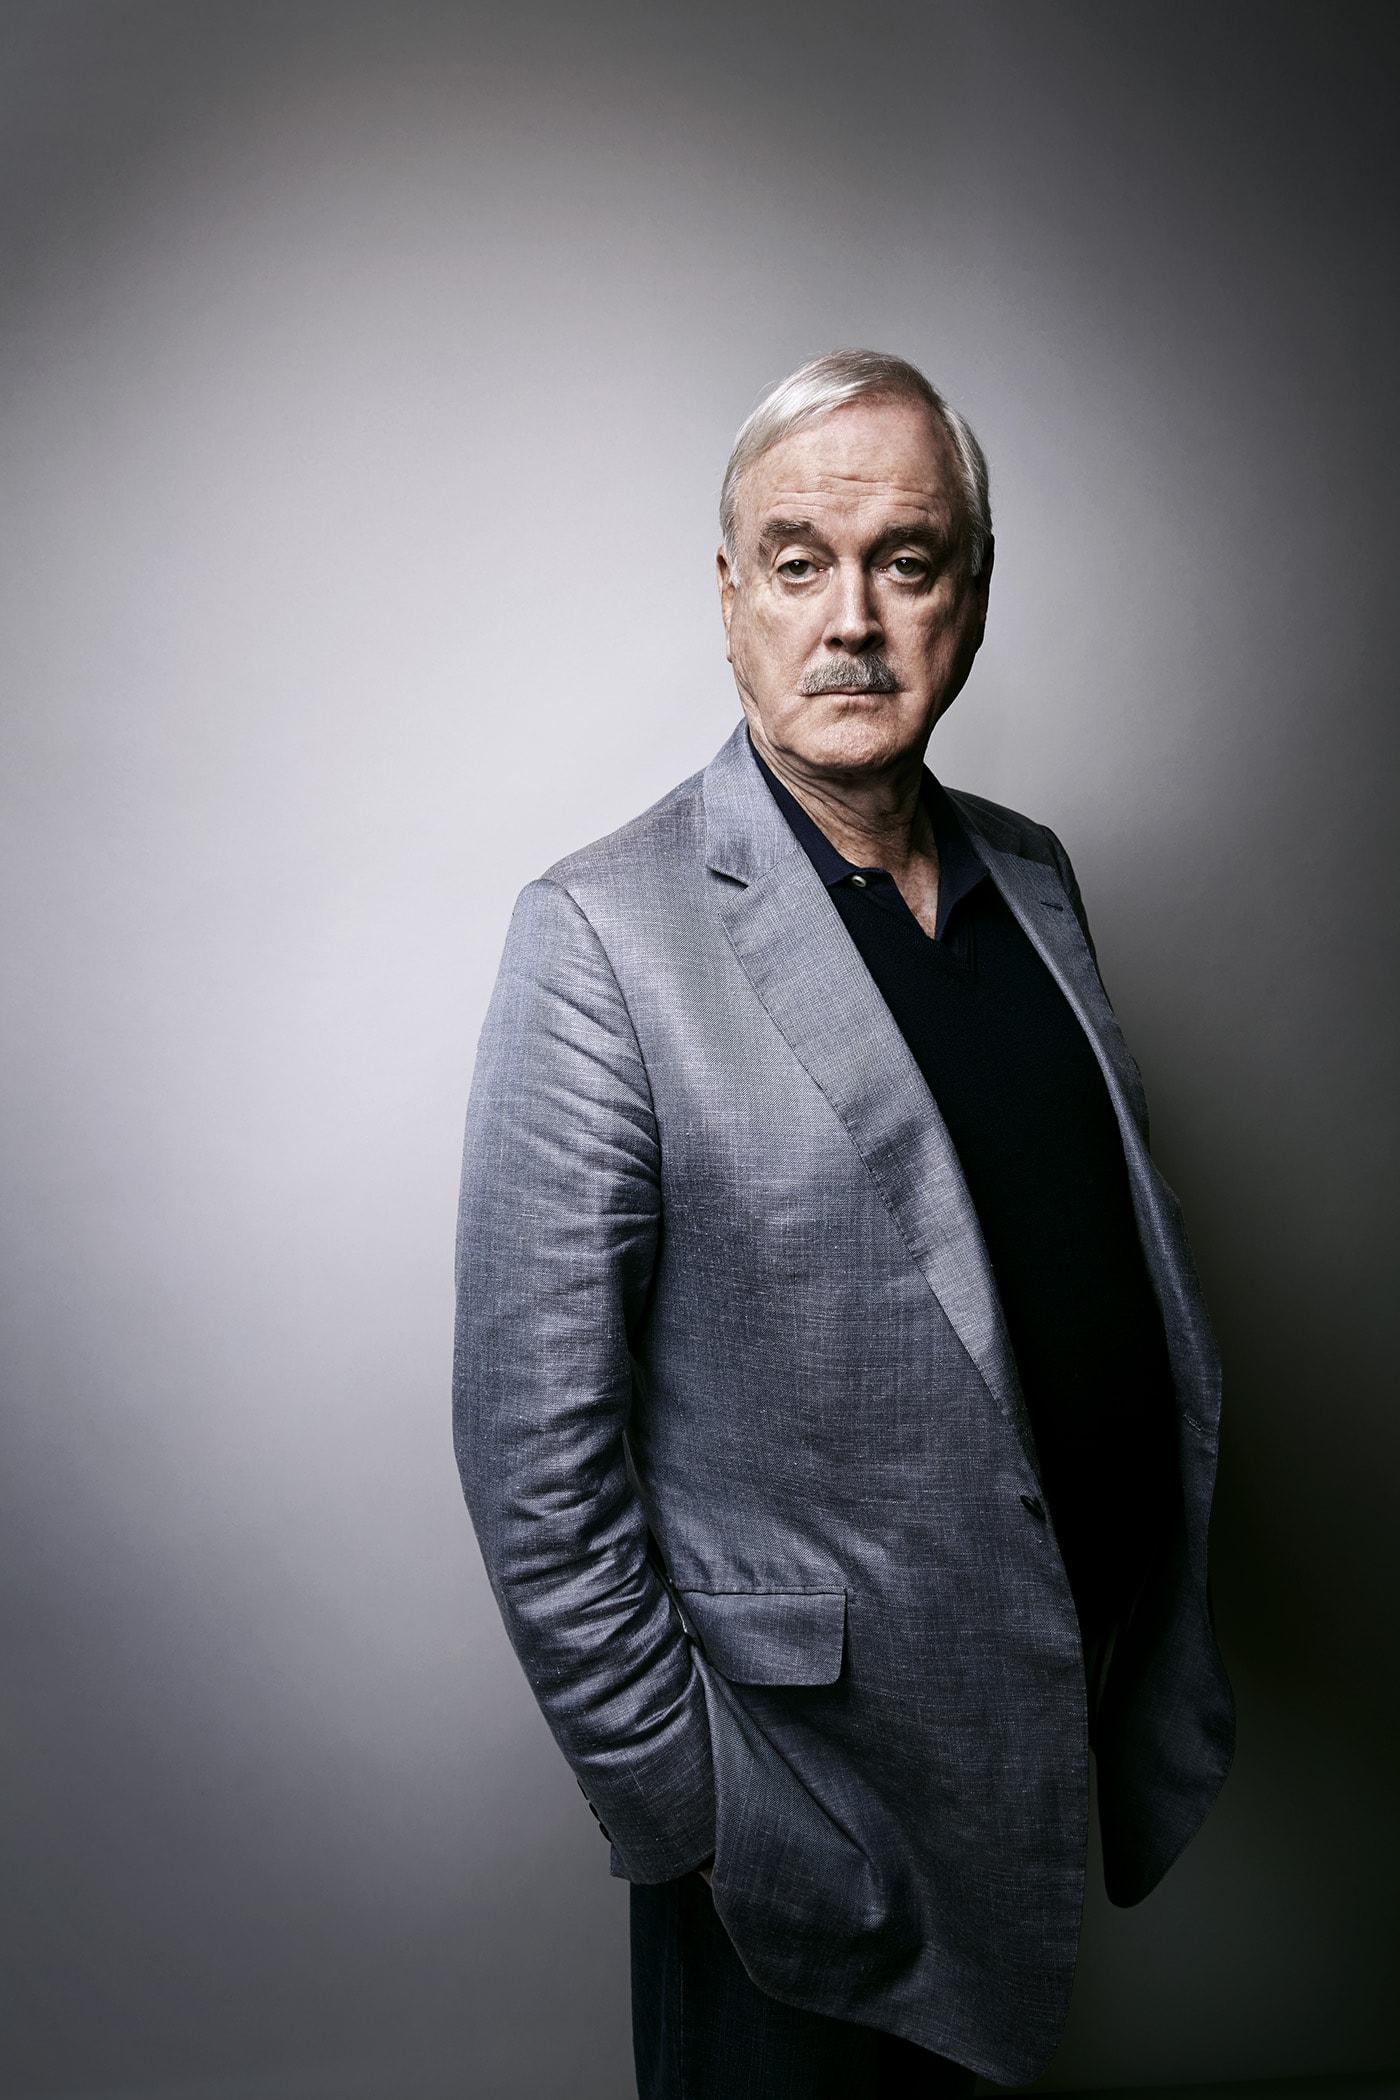 John Cleese For mobile